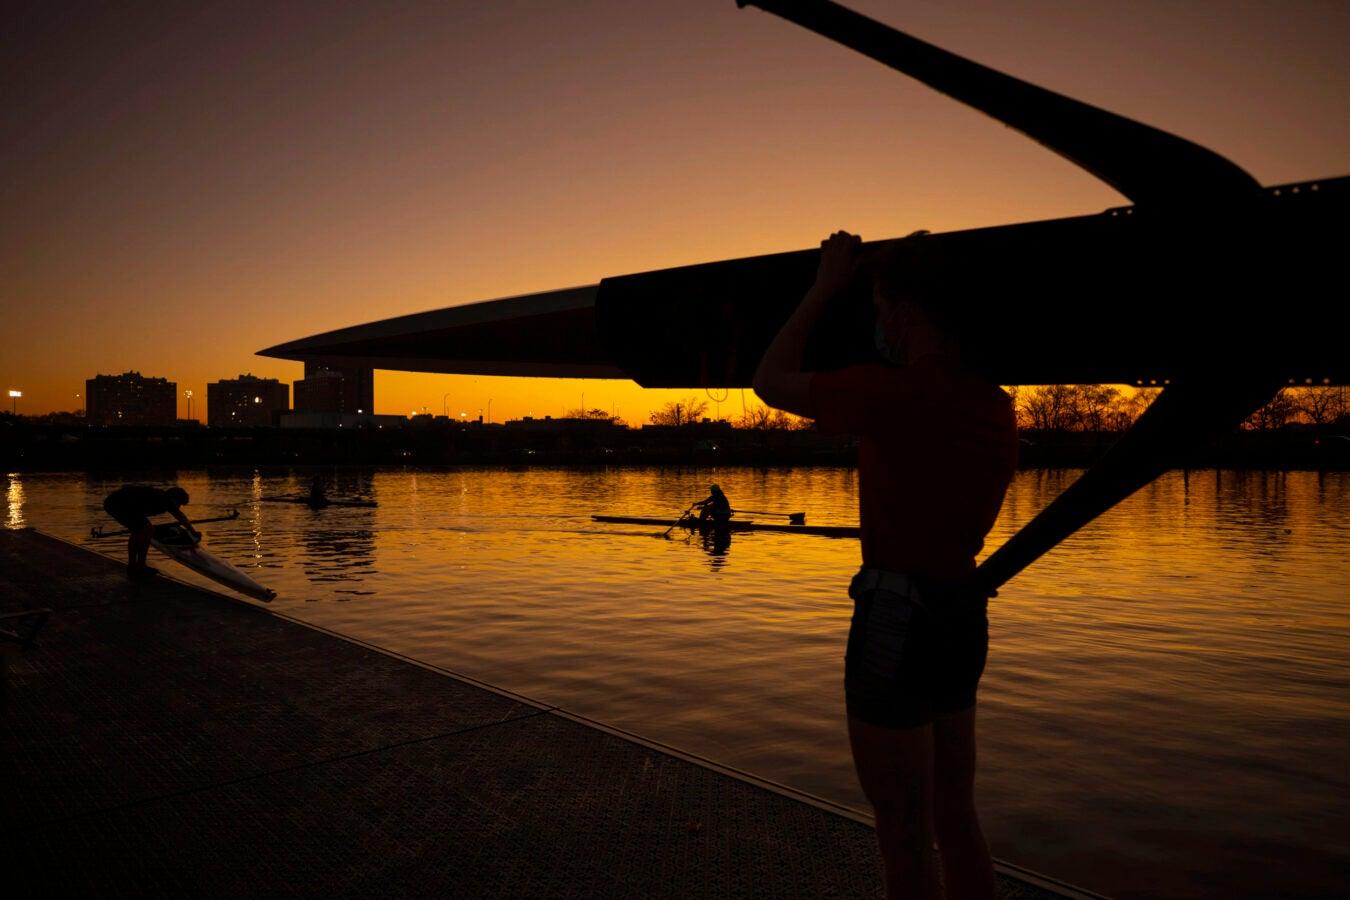 Students return boats.